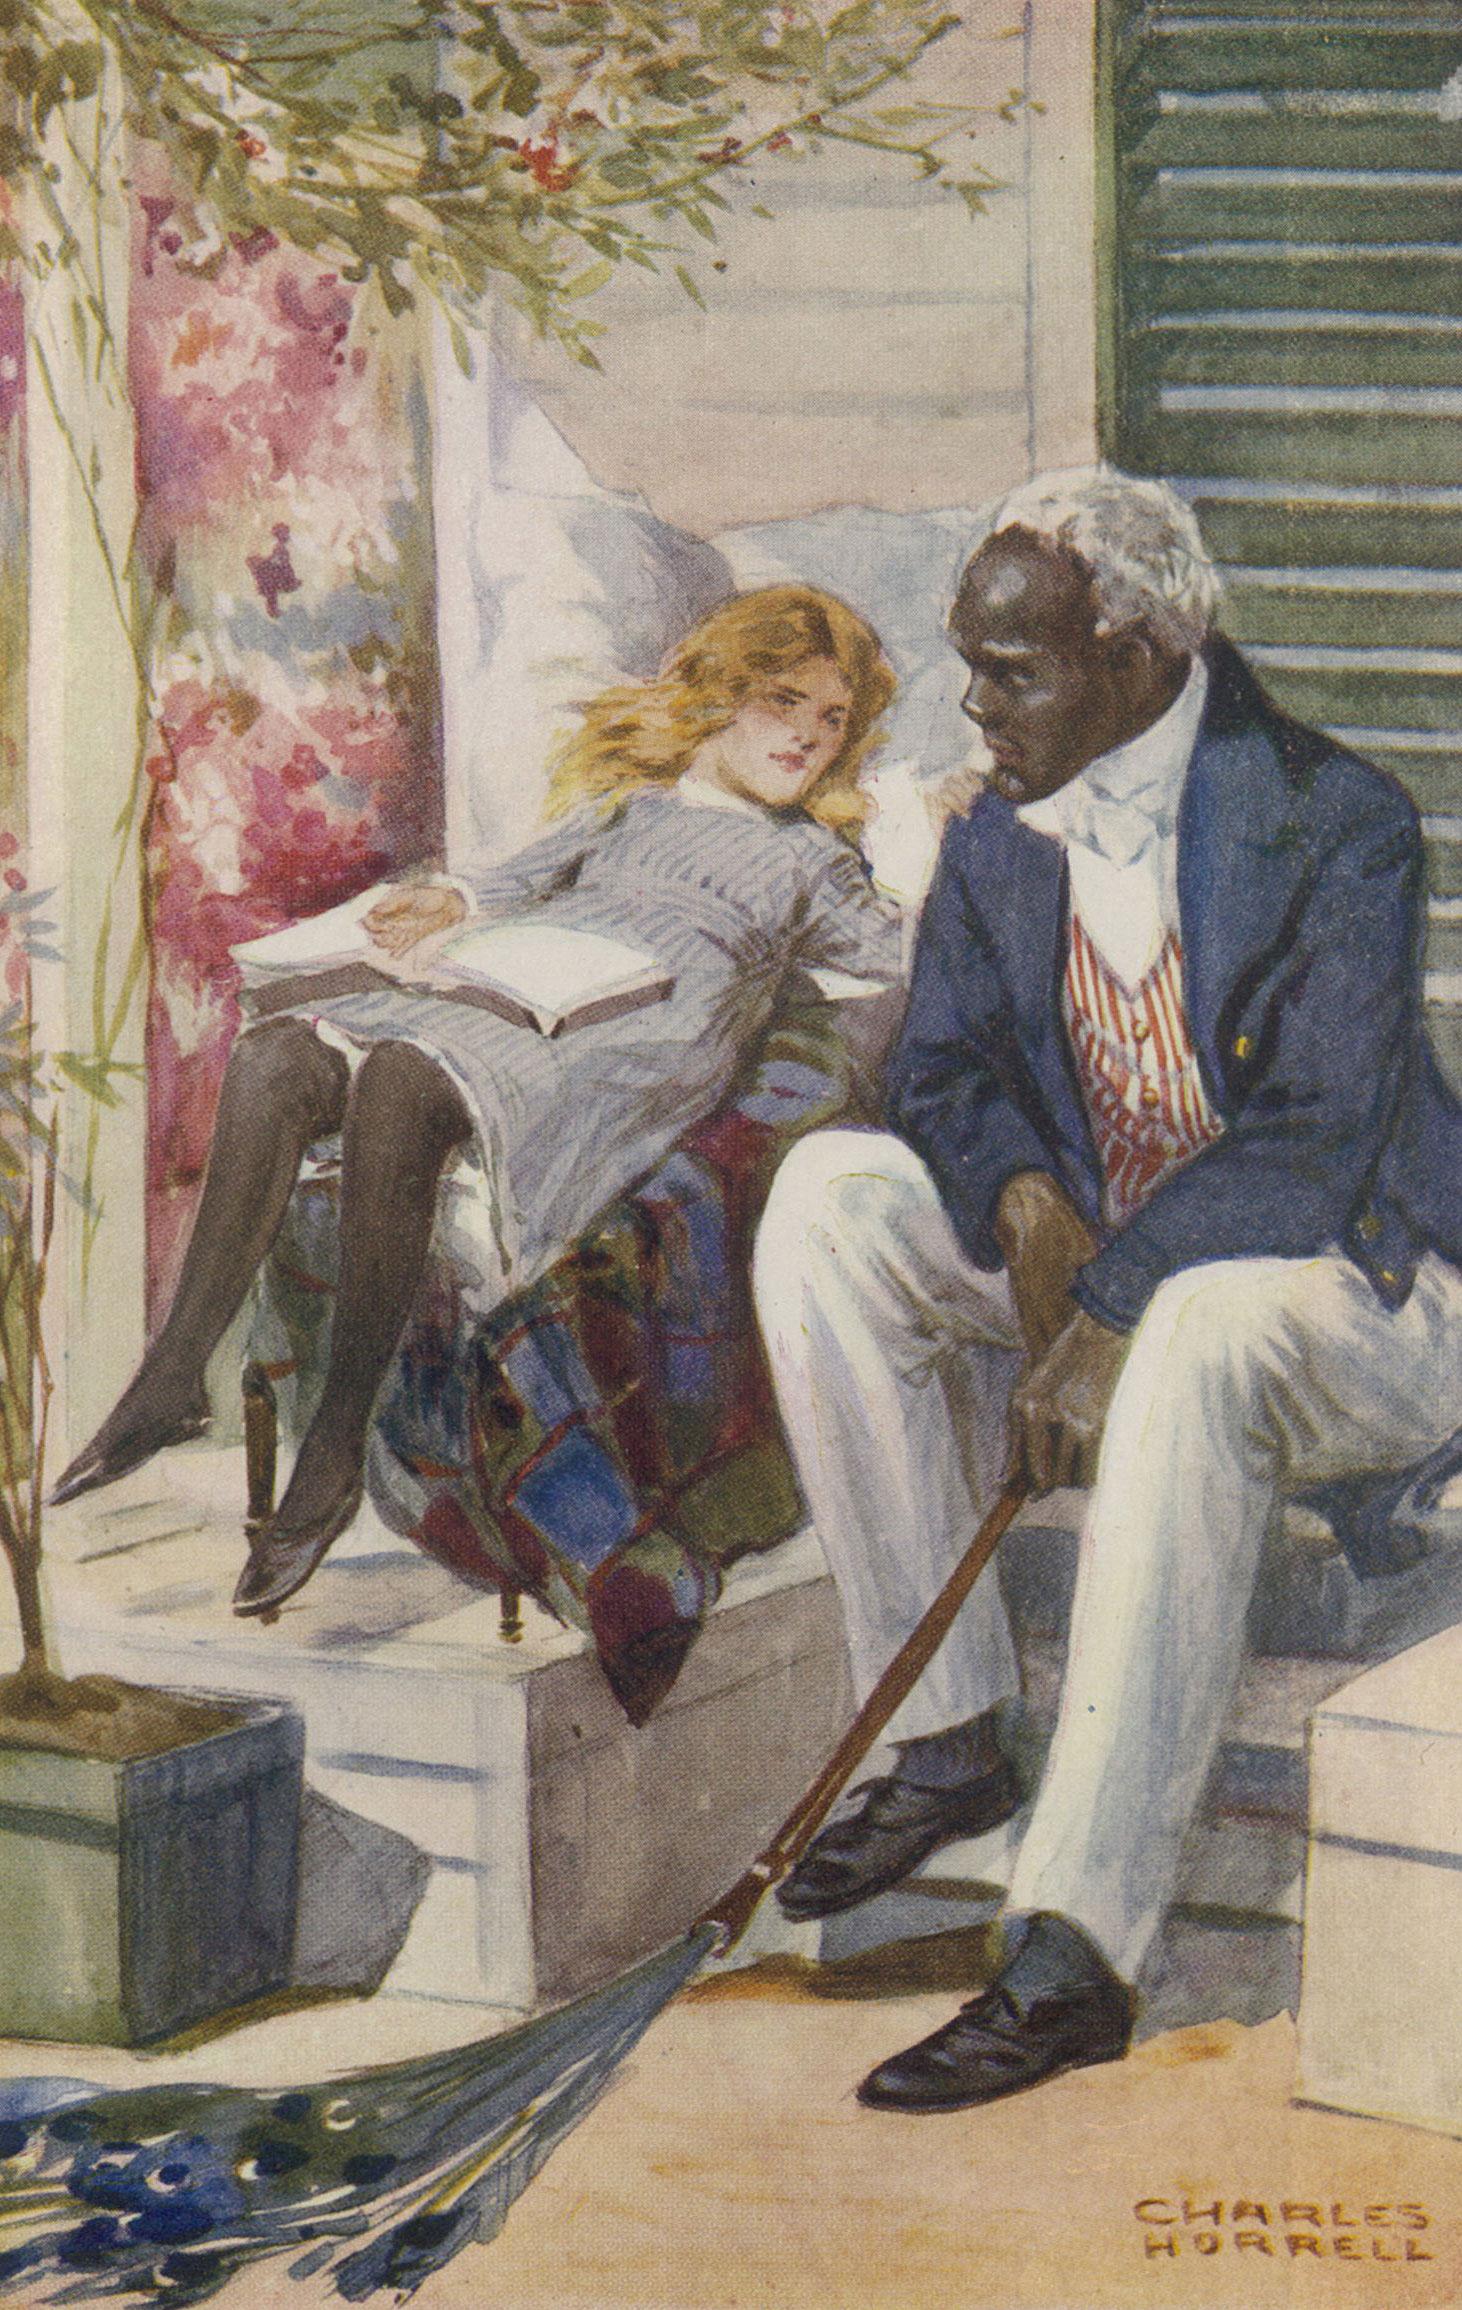 Иллюстрация 1852 года к роману Гарриет Бичер-Стоу Хижина дяди Тома